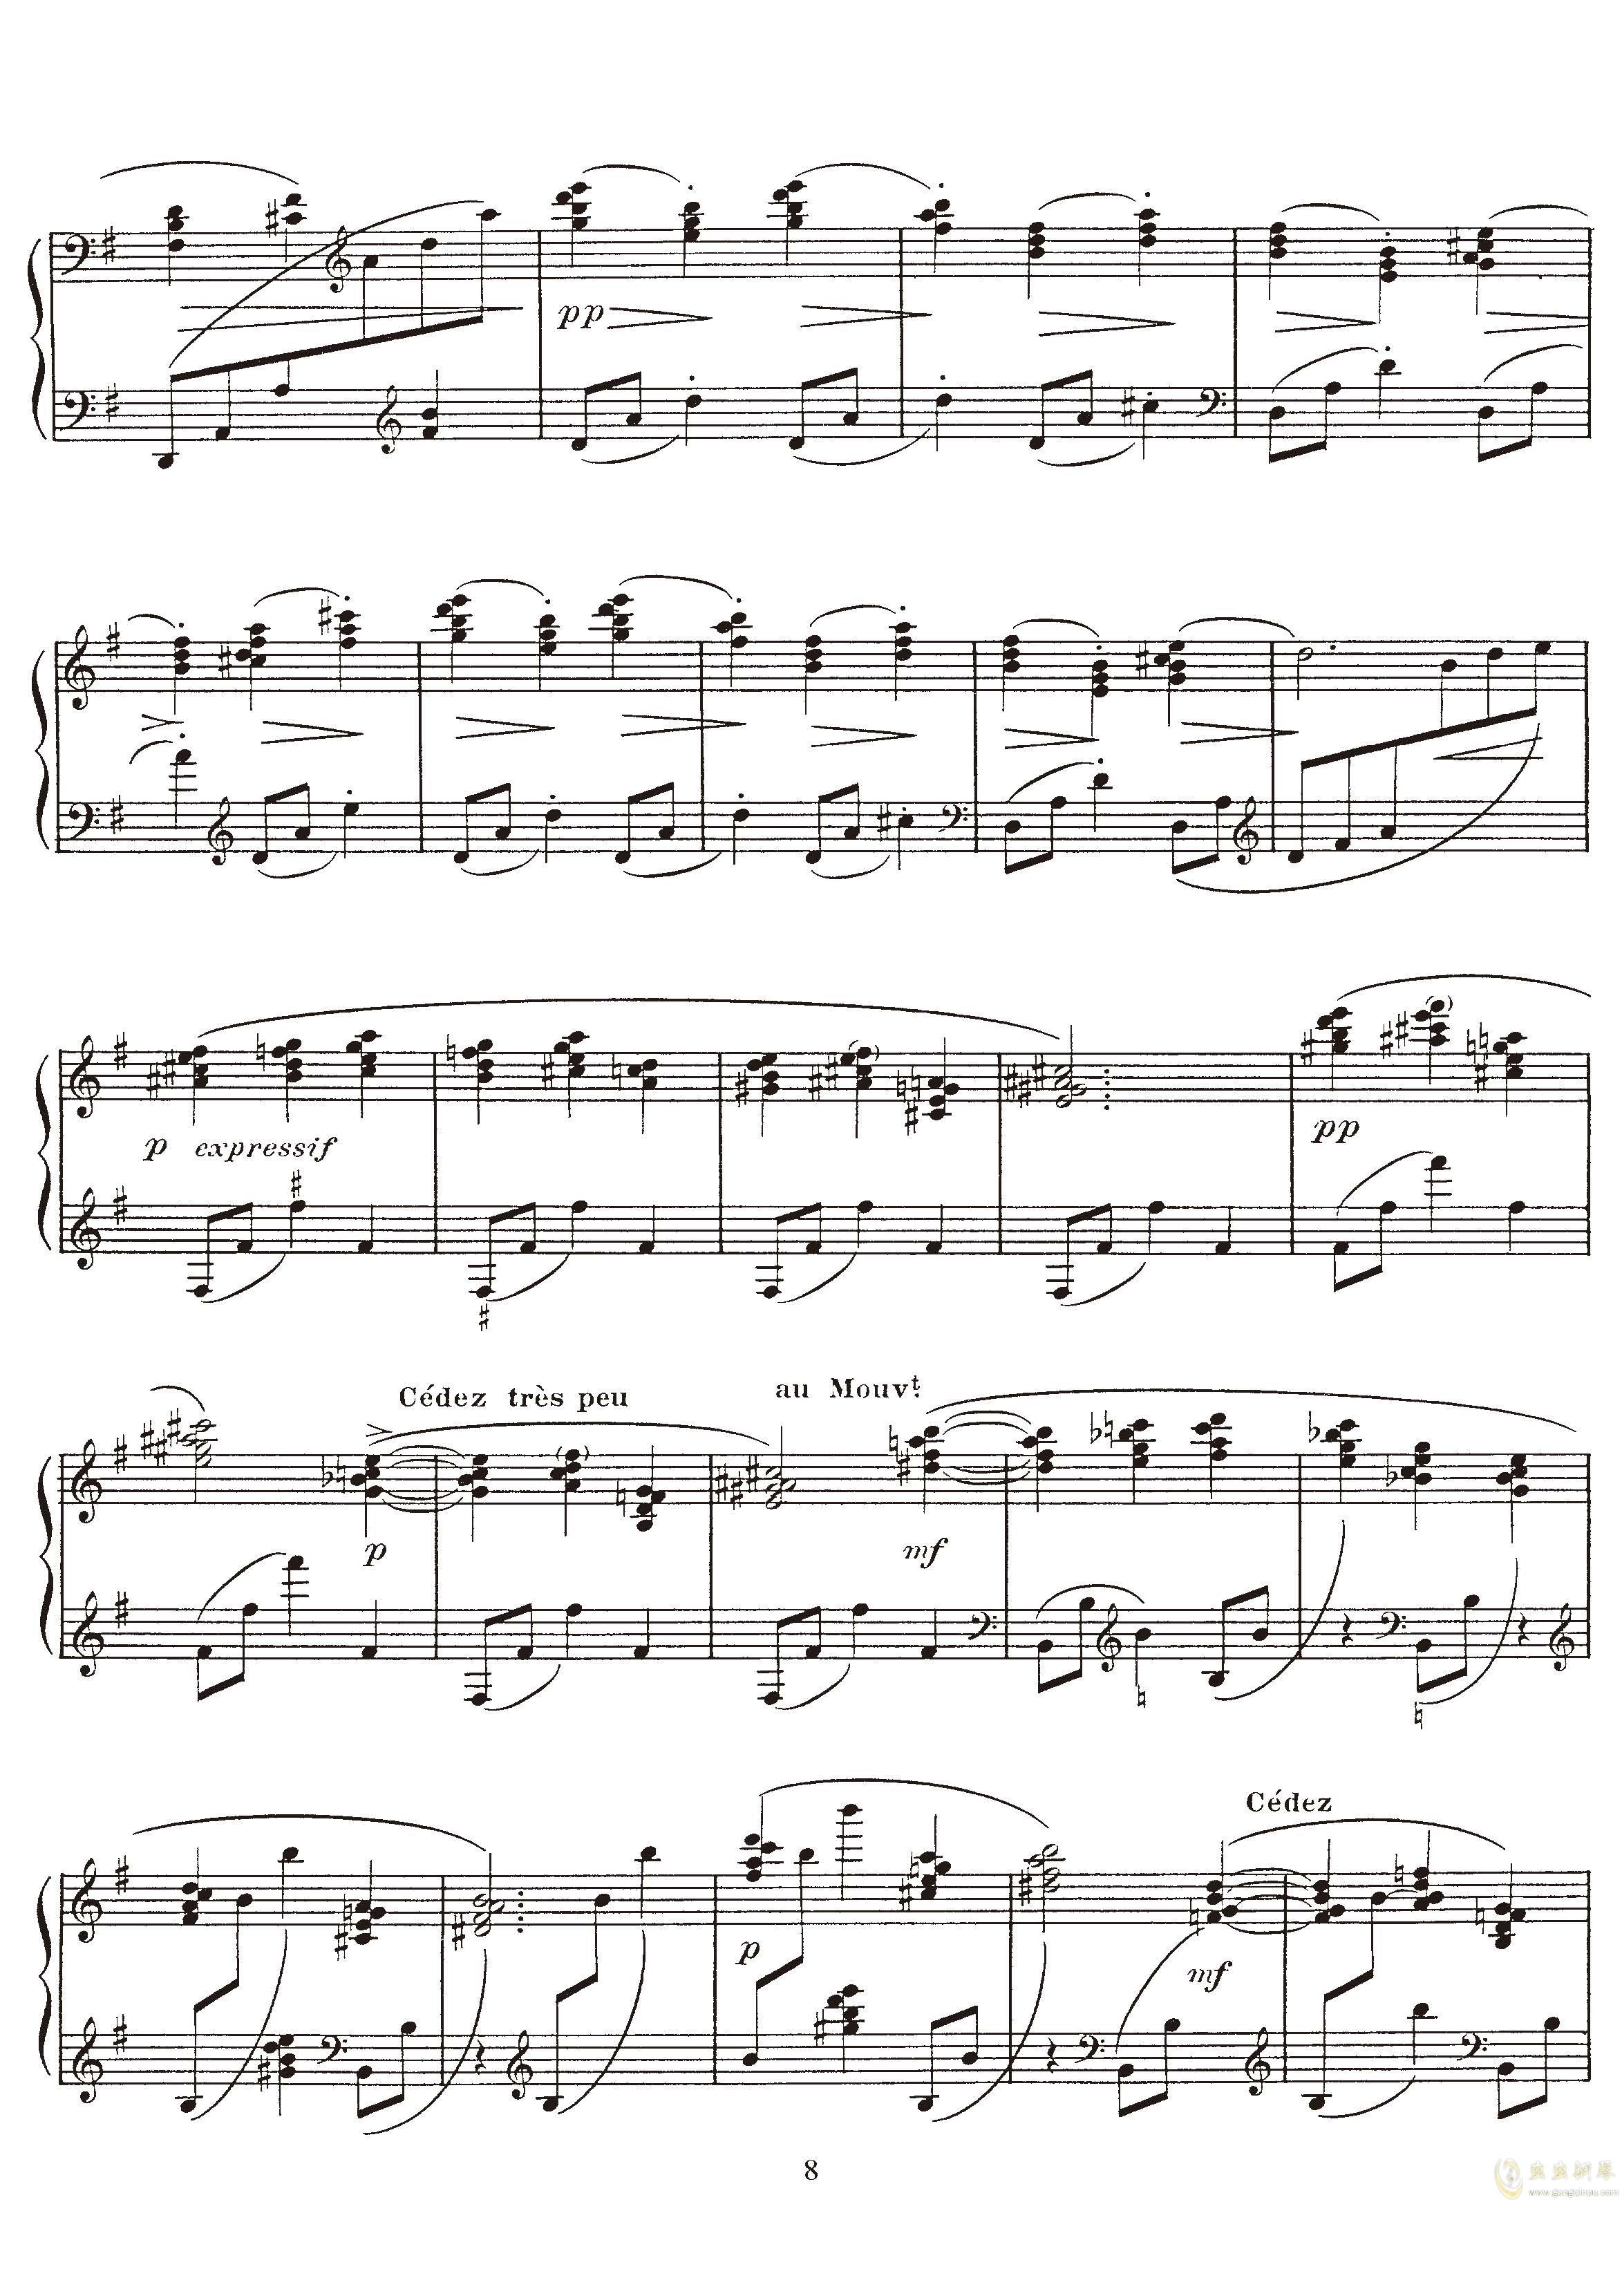 高贵而伤感的圆舞曲钢琴谱 第8页